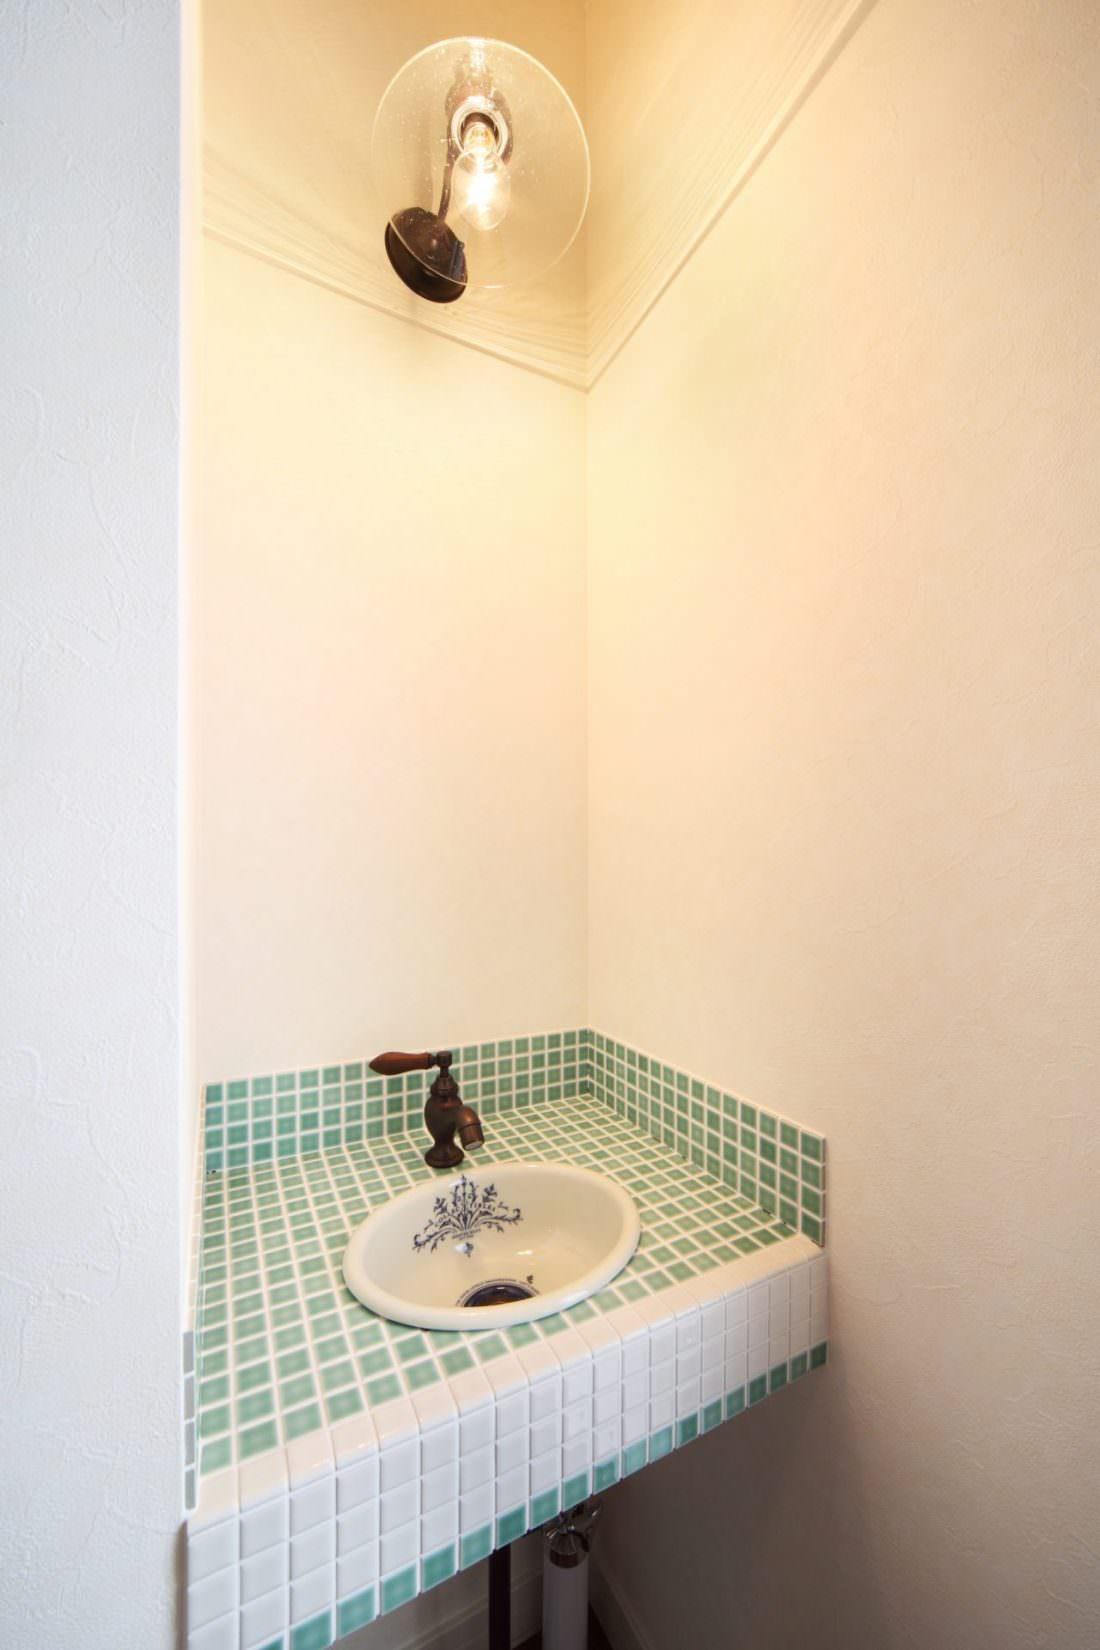 グリーンのタイルがかわいいミニ手洗い器